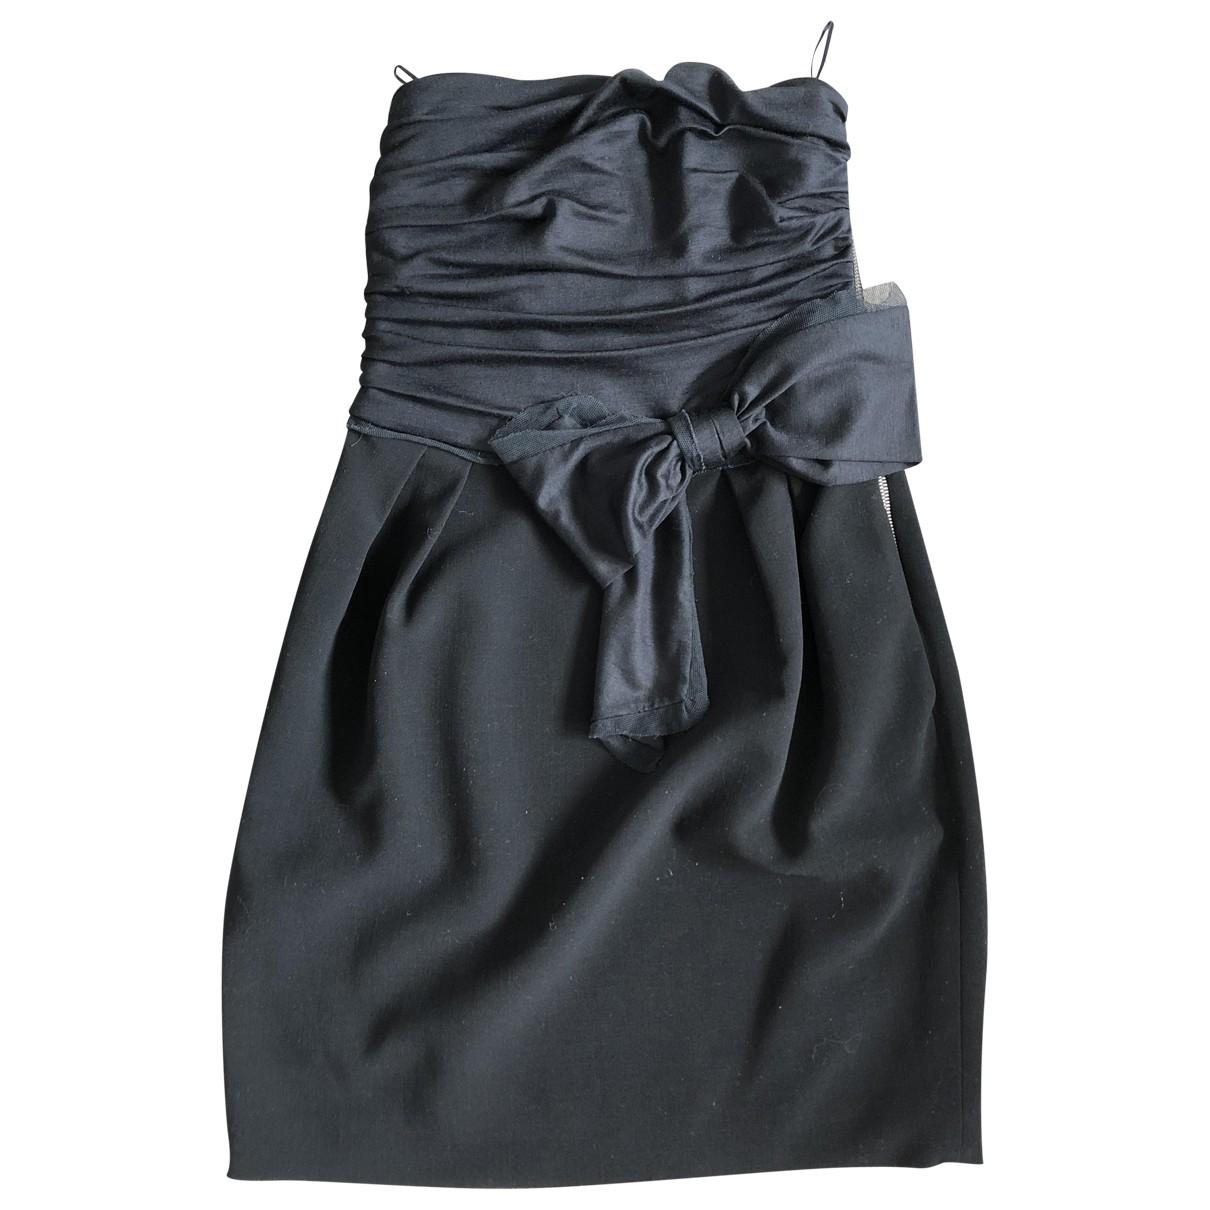 Emilio Pucci \N Black Wool dress for Women 38 FR